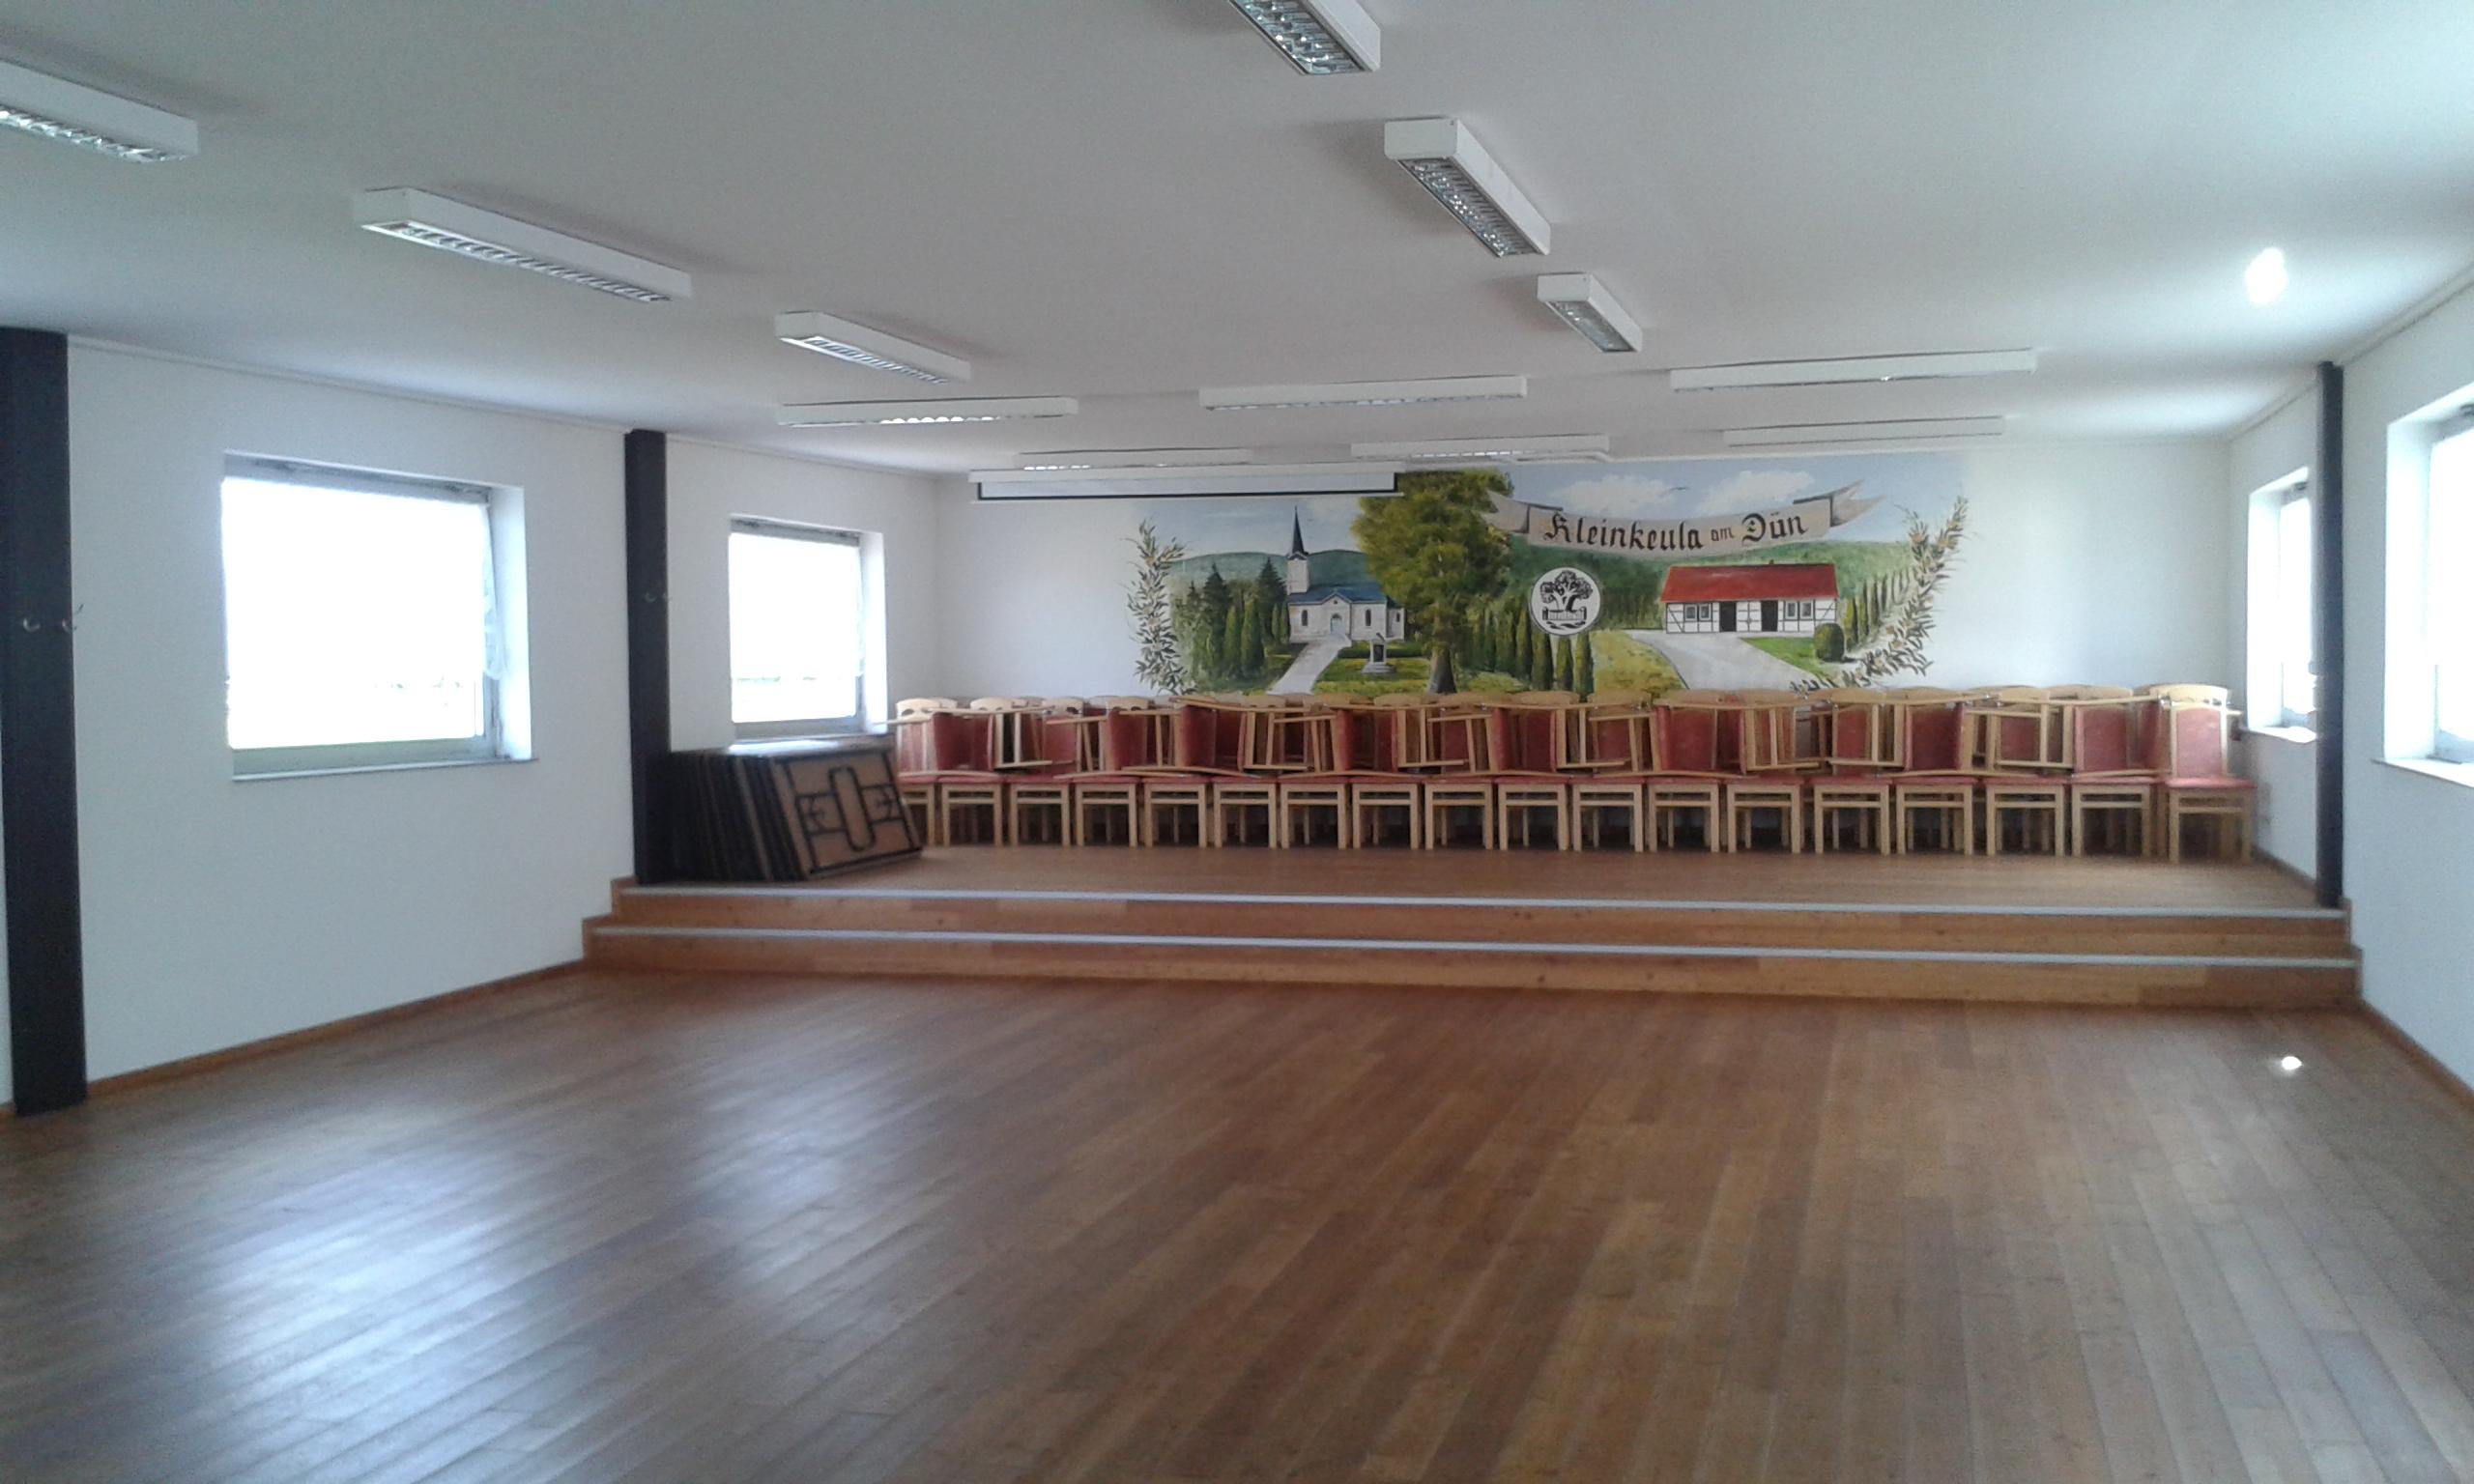 Festsaal Kleinkeula vorher